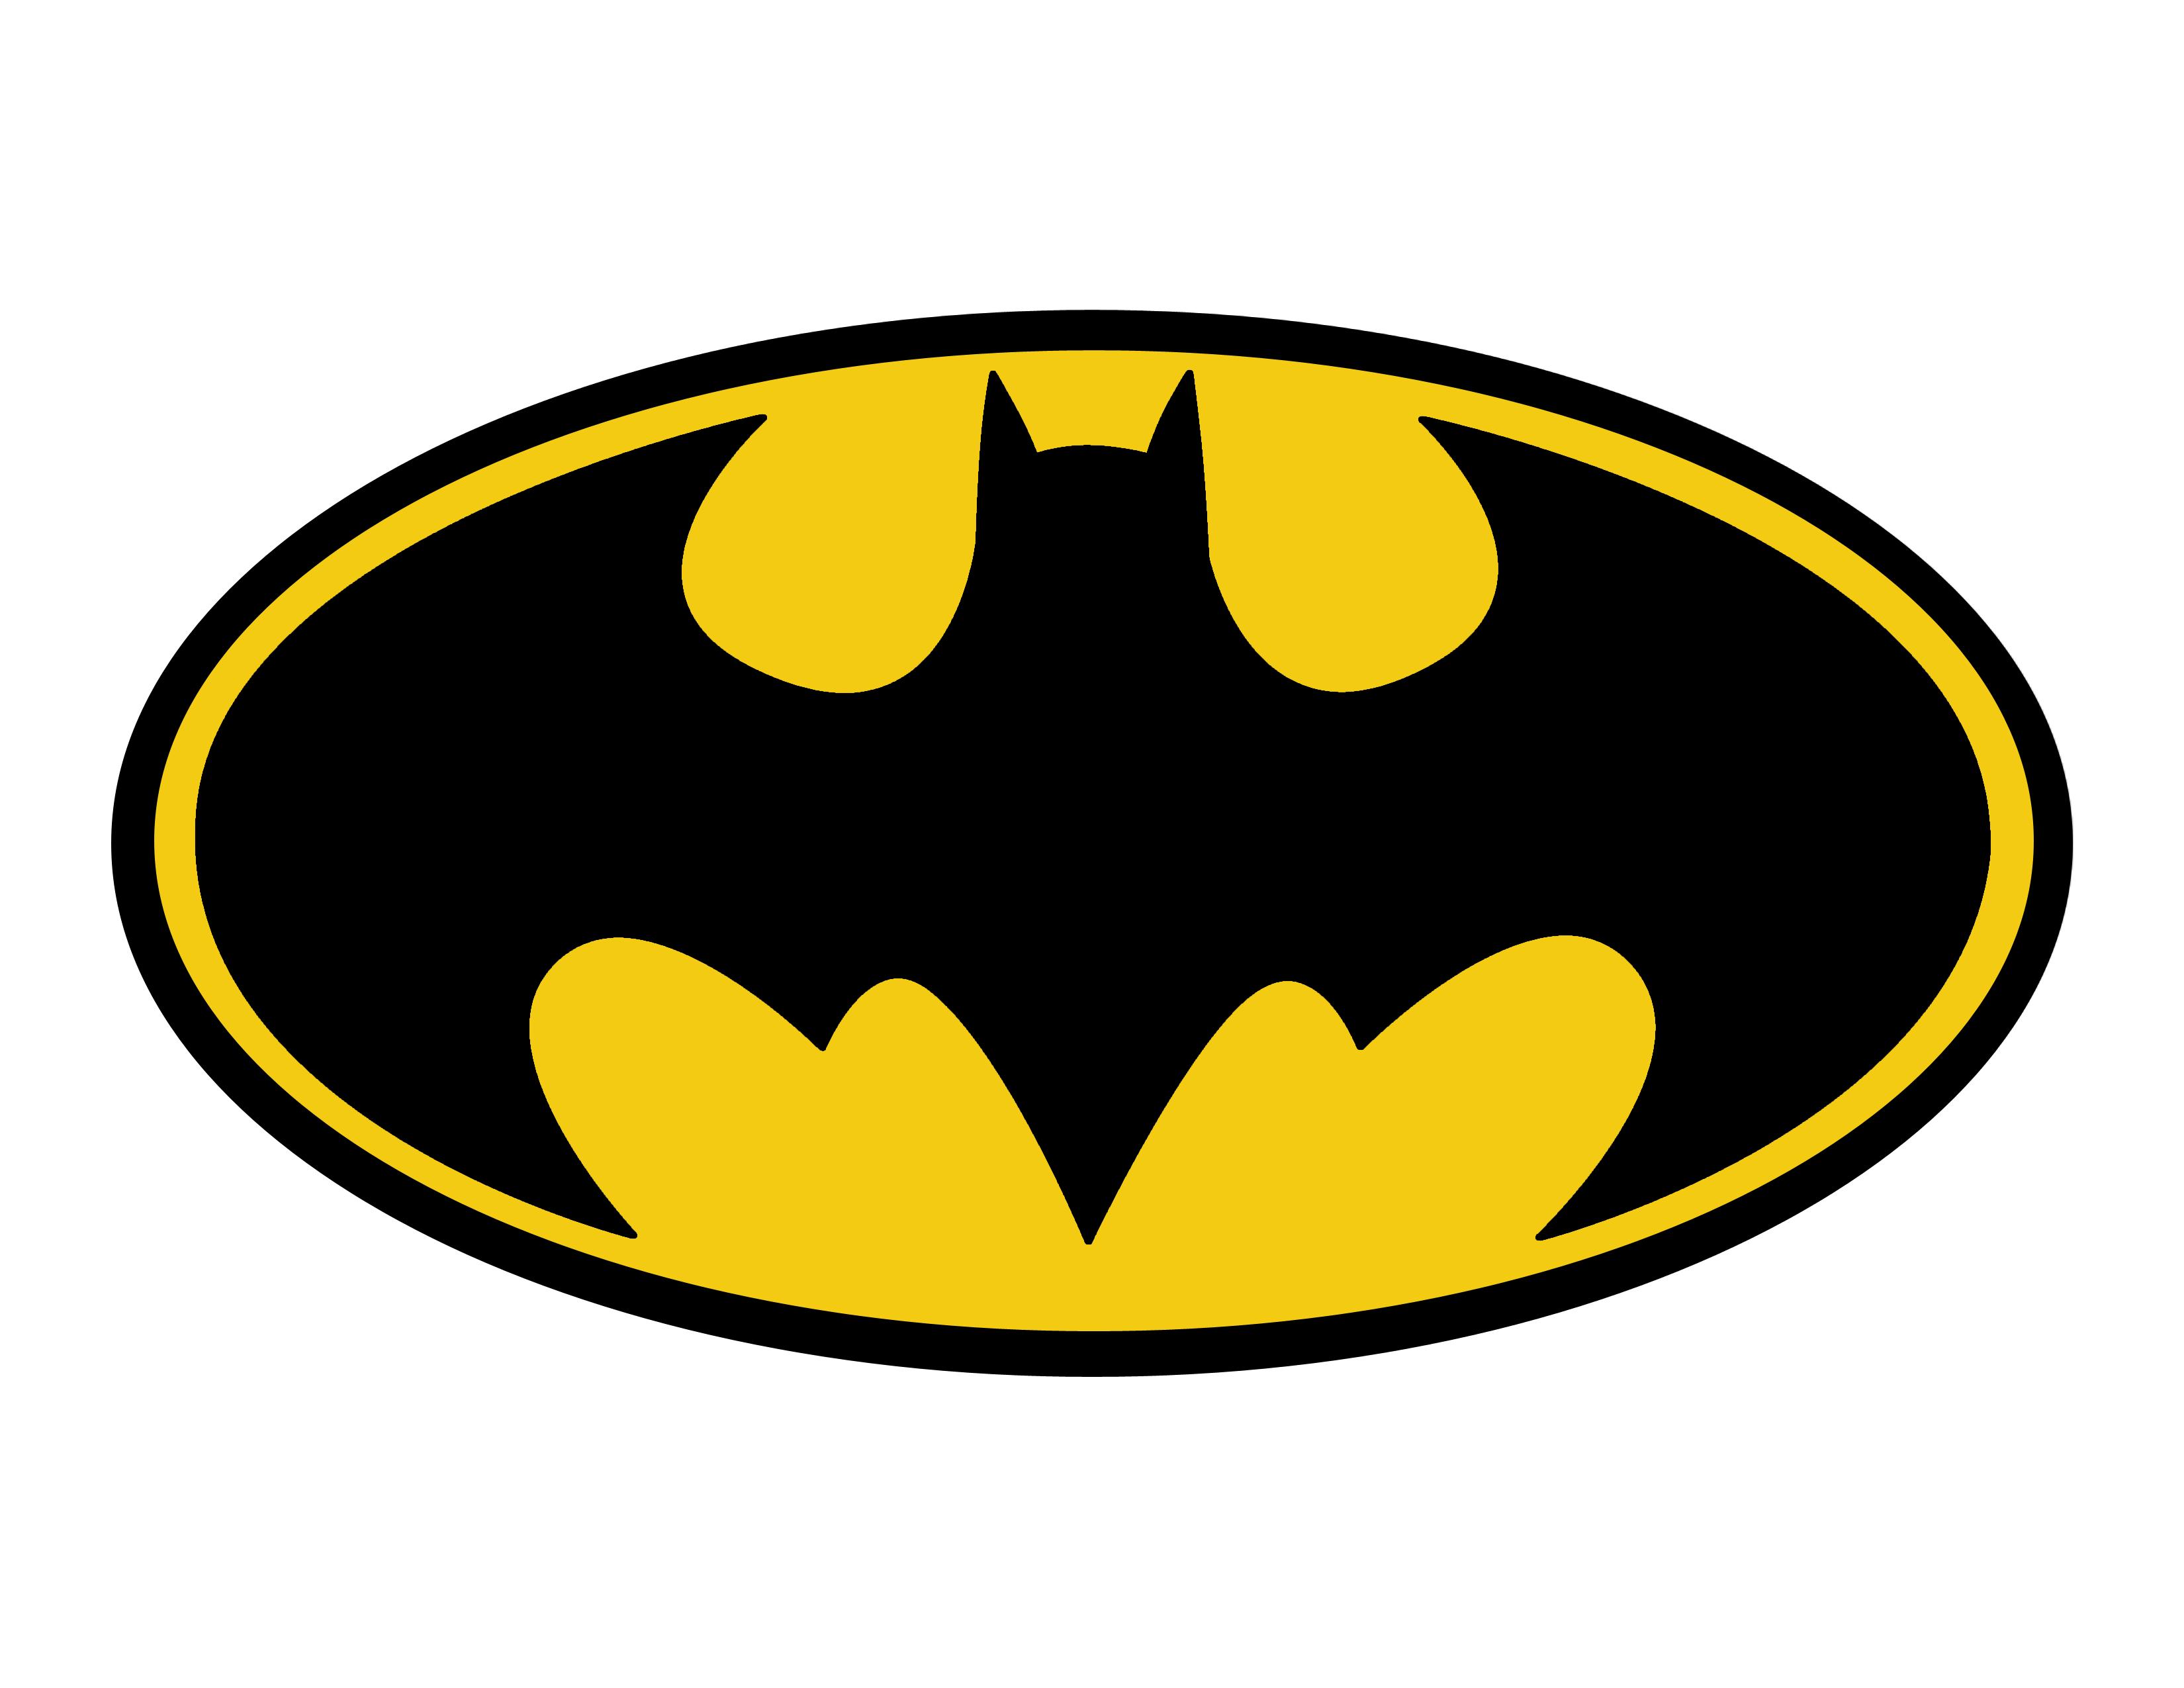 Batman Logo 003 Top Images New Images Batman Logo 003